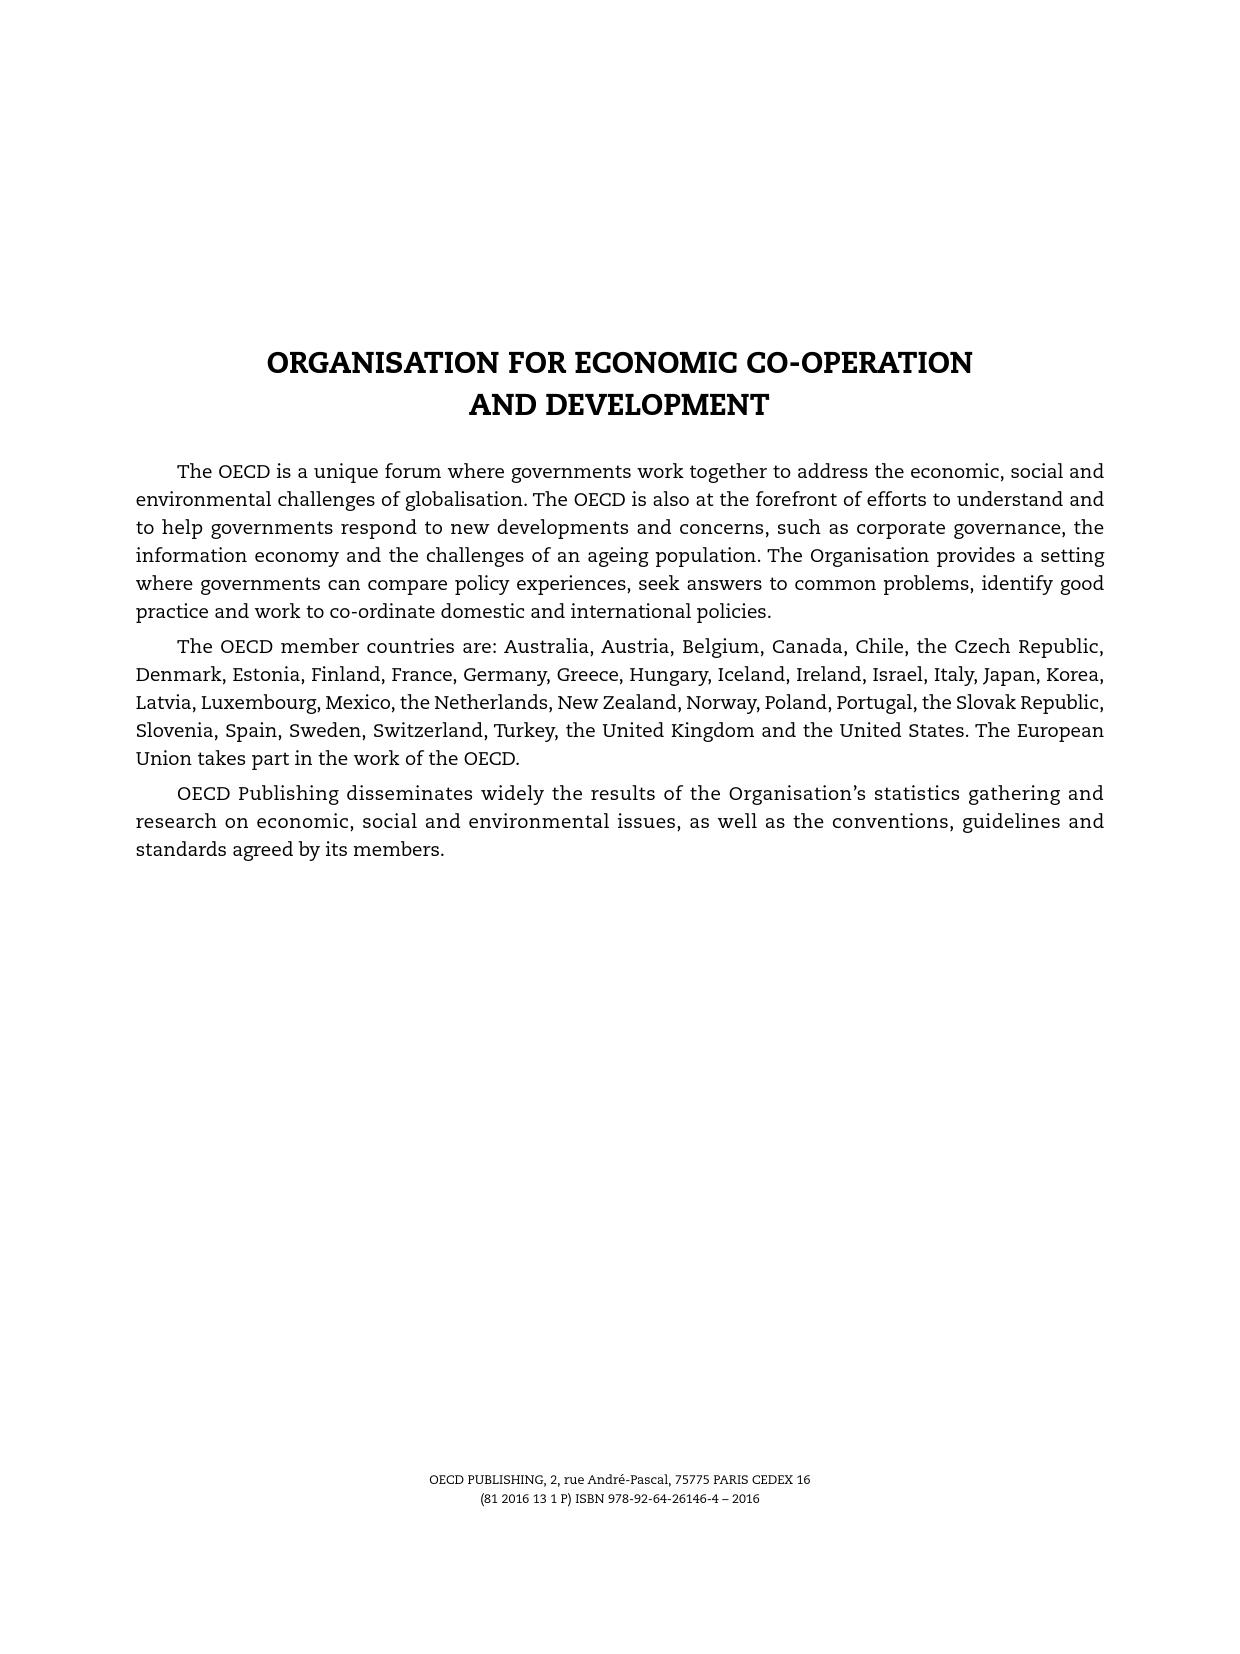 2016年OECD国家社会概览报告_000139